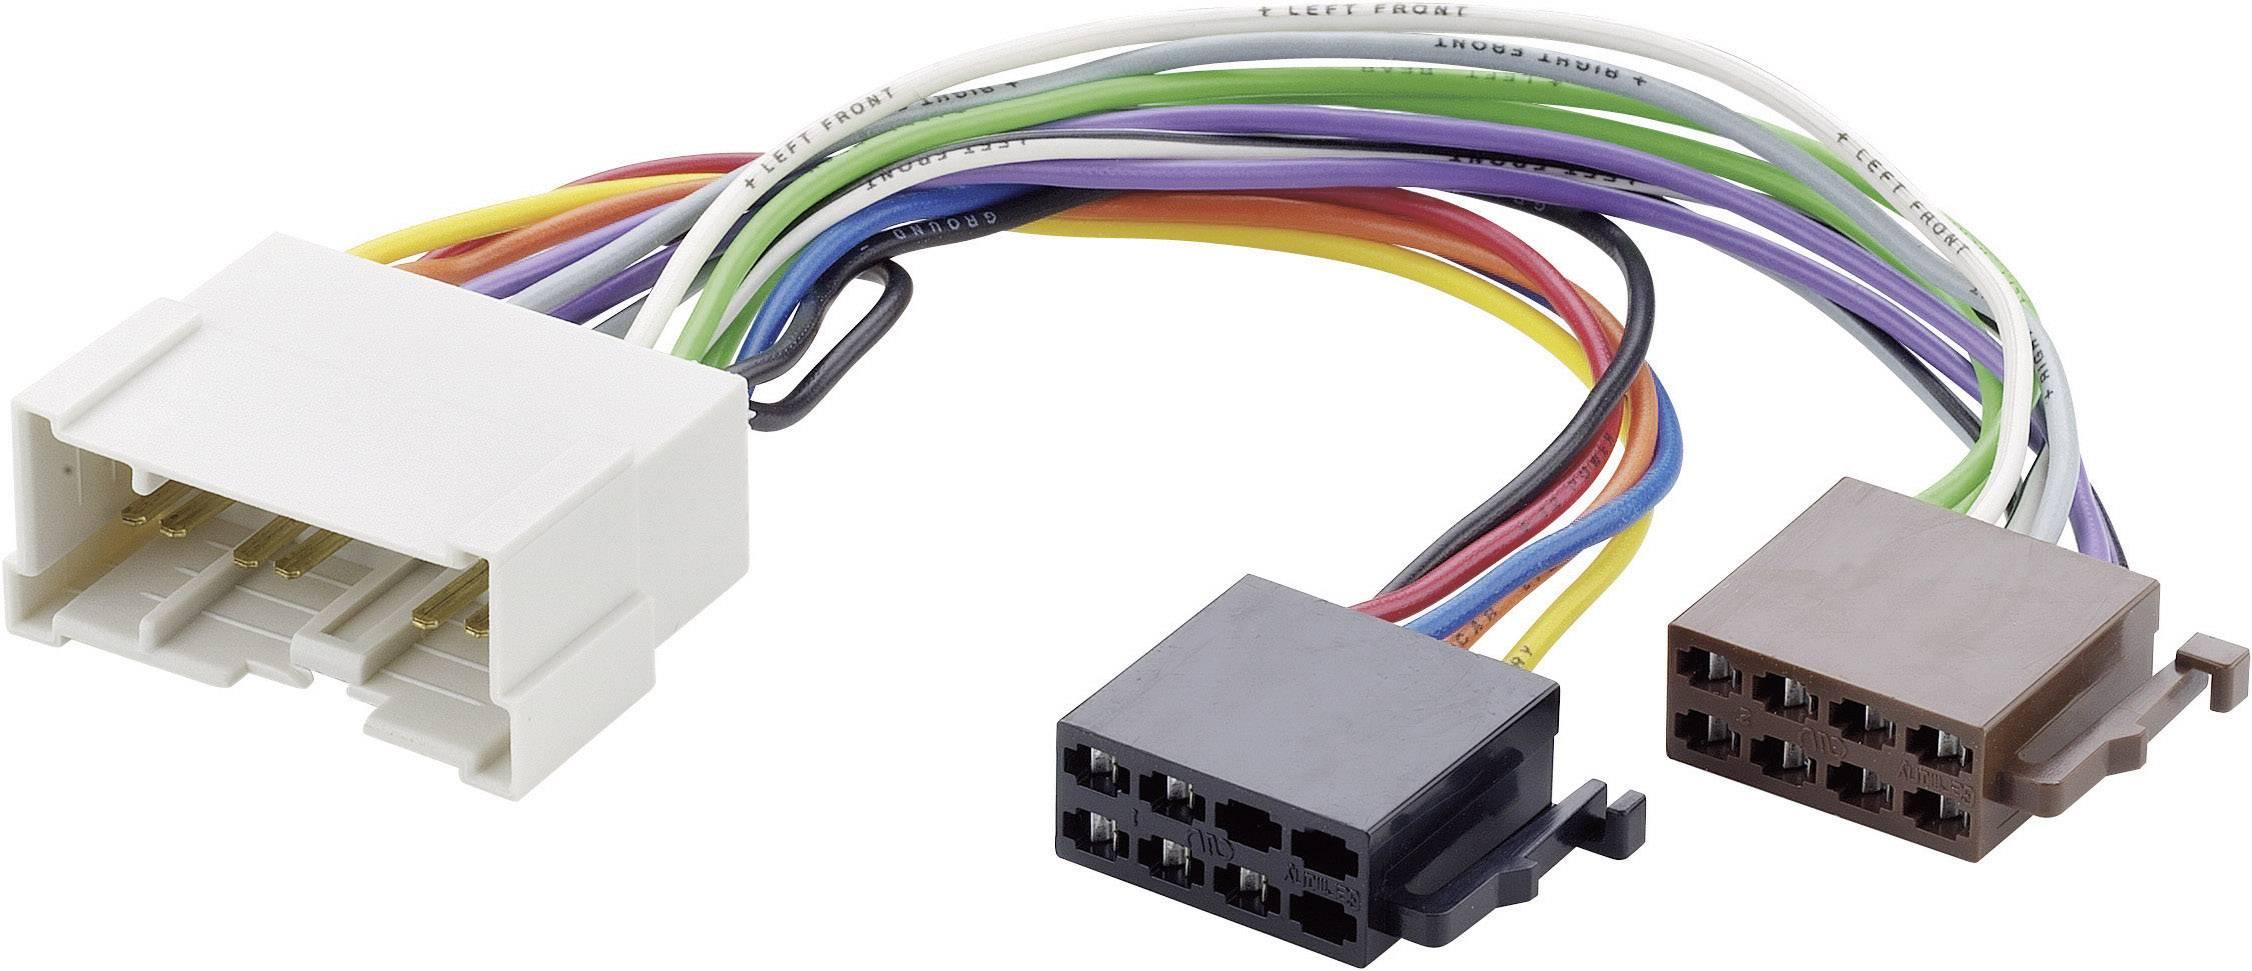 ISO adaptérový kábel pre autorádio AIV 41C992 vhodné pre autá Hyundai, Kia